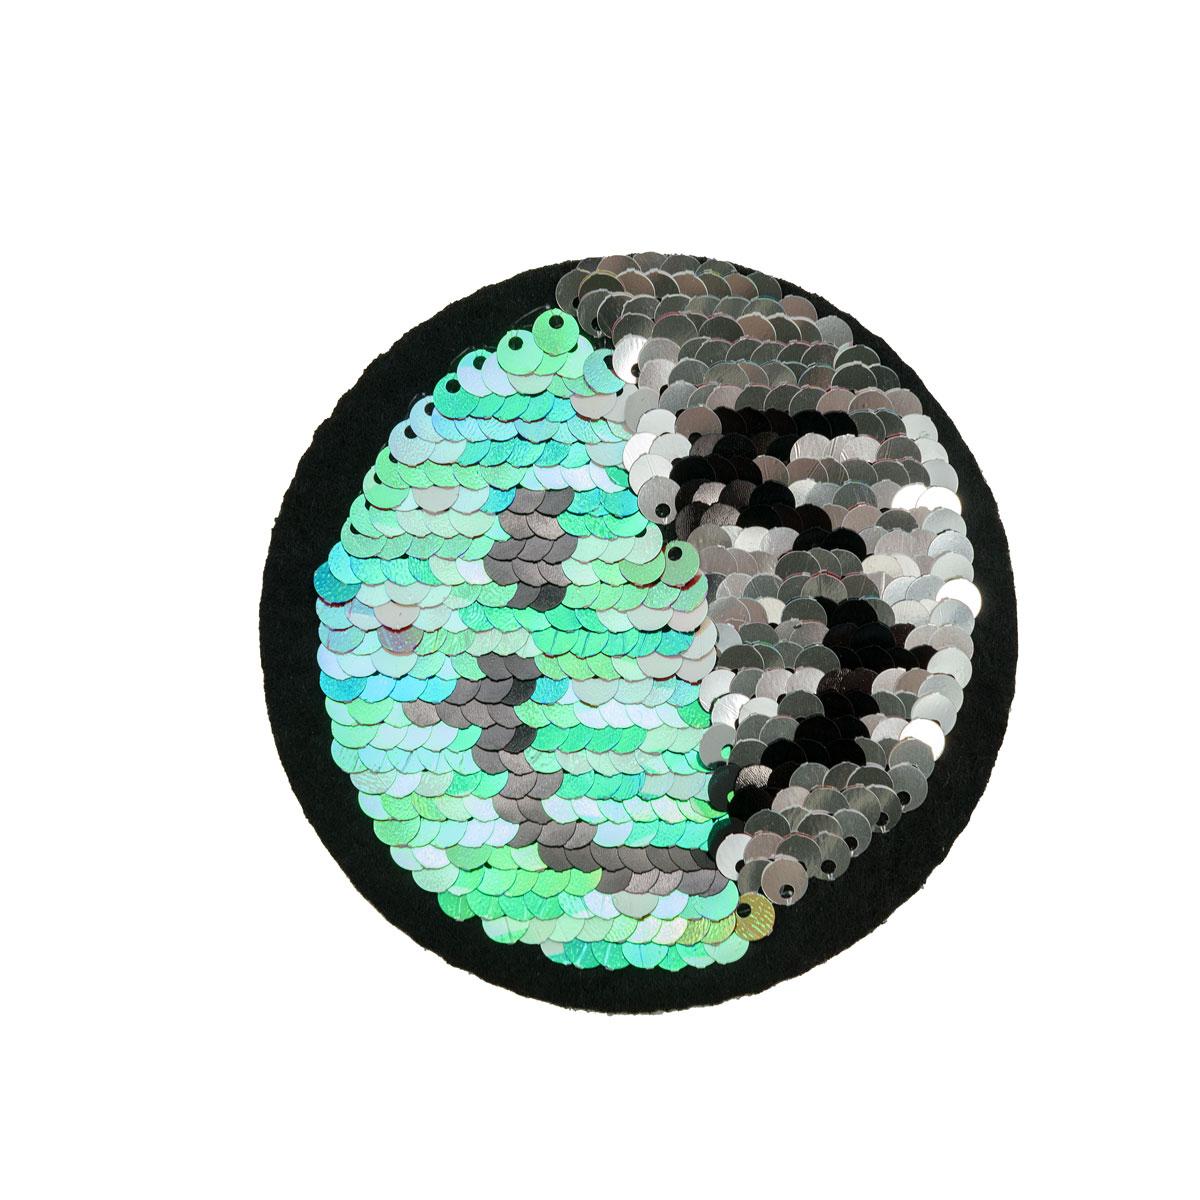 ГУБ7183 Термоаппликация Смайлик 80мм